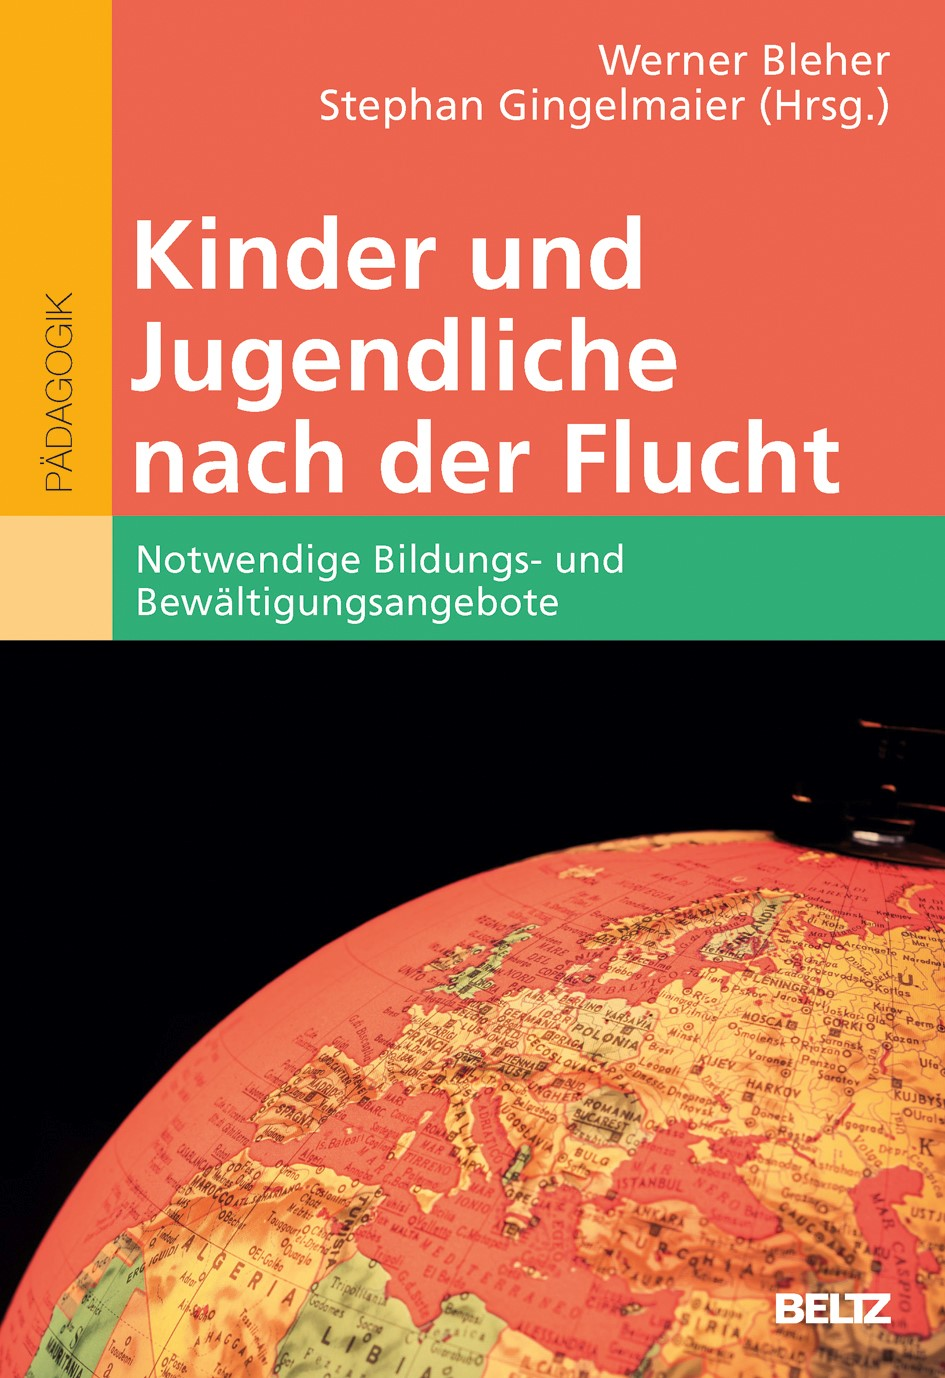 Kinder und Jugendliche nach der Flucht   Bleher / Gingelmaier, 2017   Buch (Cover)